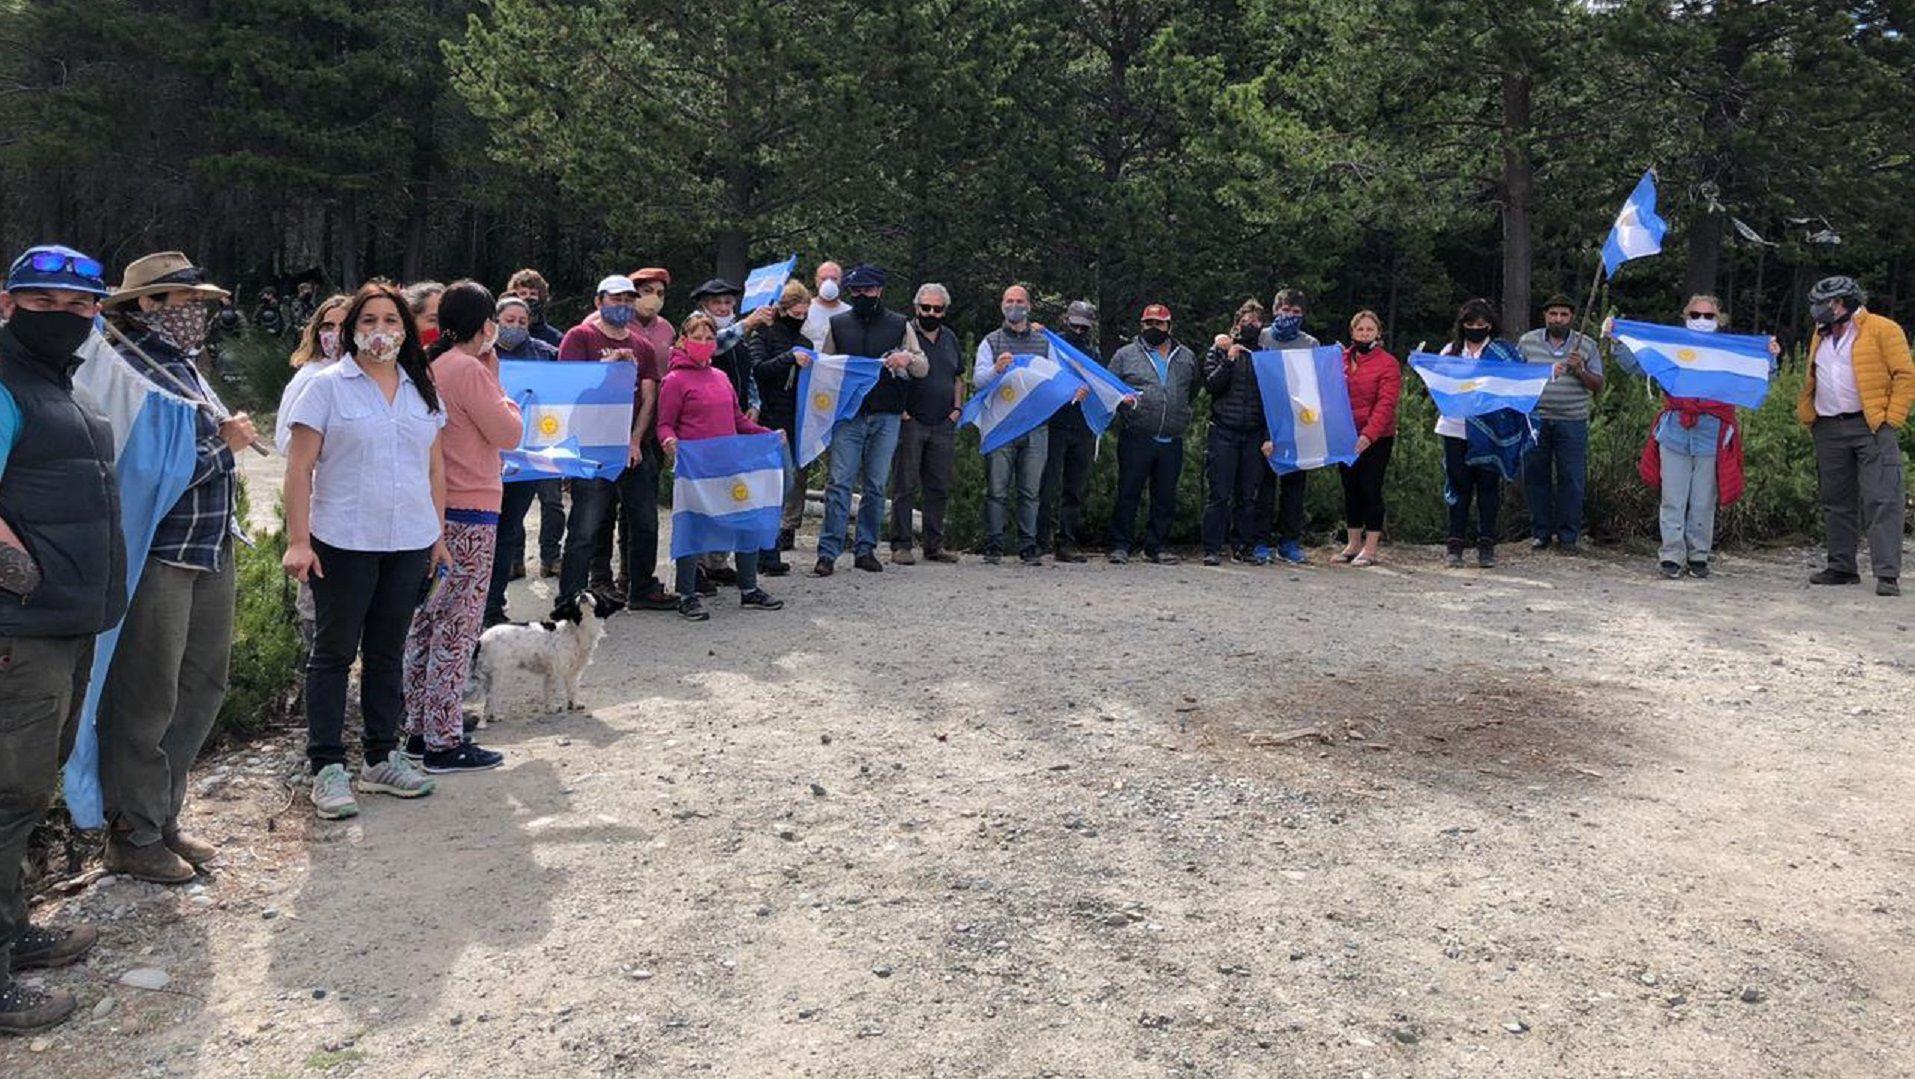 Este sábado se realizó una movilización en acompañamiento a la familia que está cautiva dentro de su campo en El Foyel